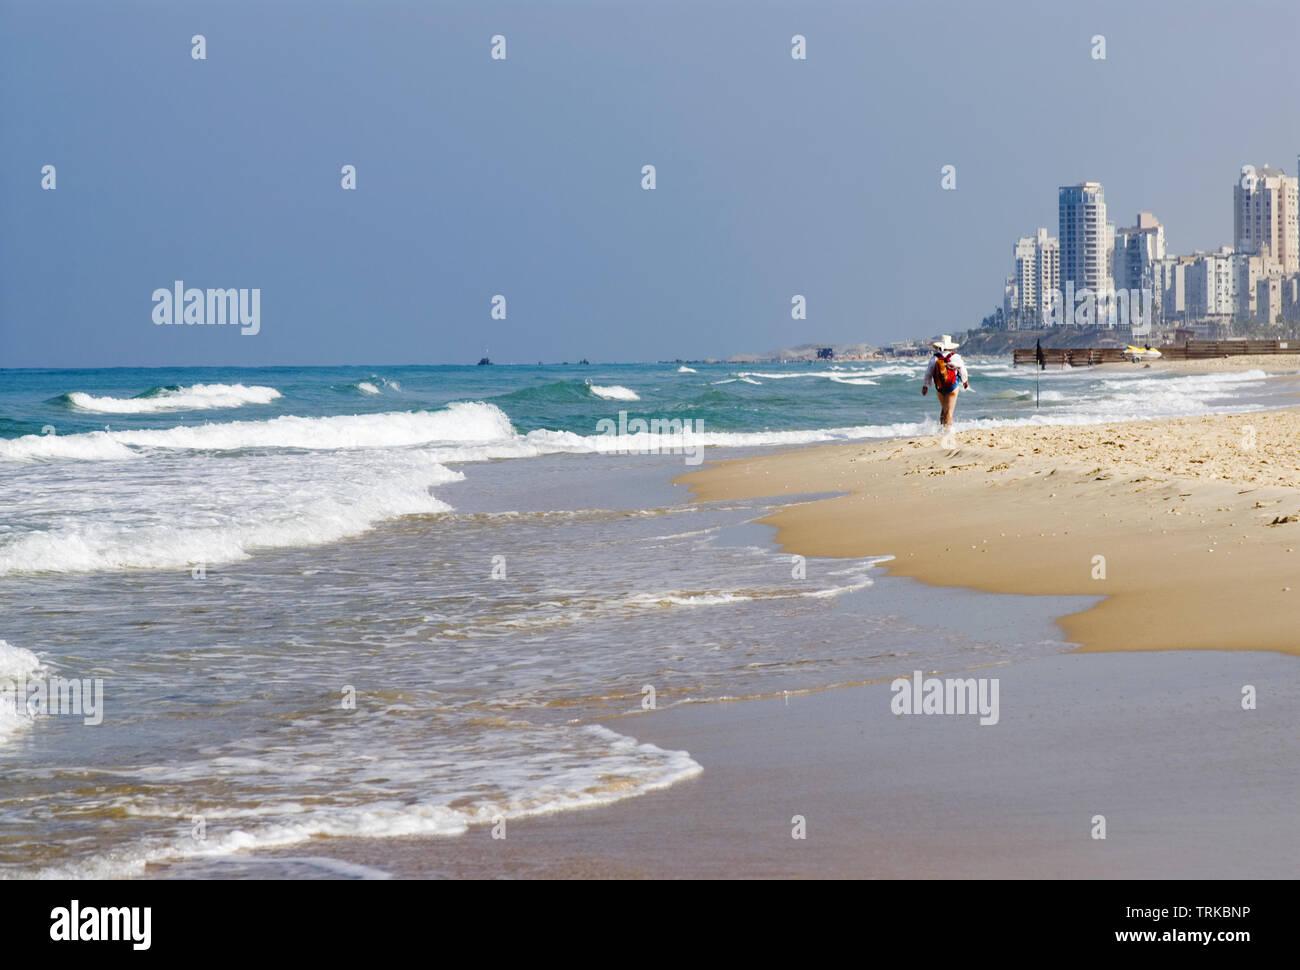 Beach in Tel Aviv, Israel. Surf wave, distant walking figure - Stock Image